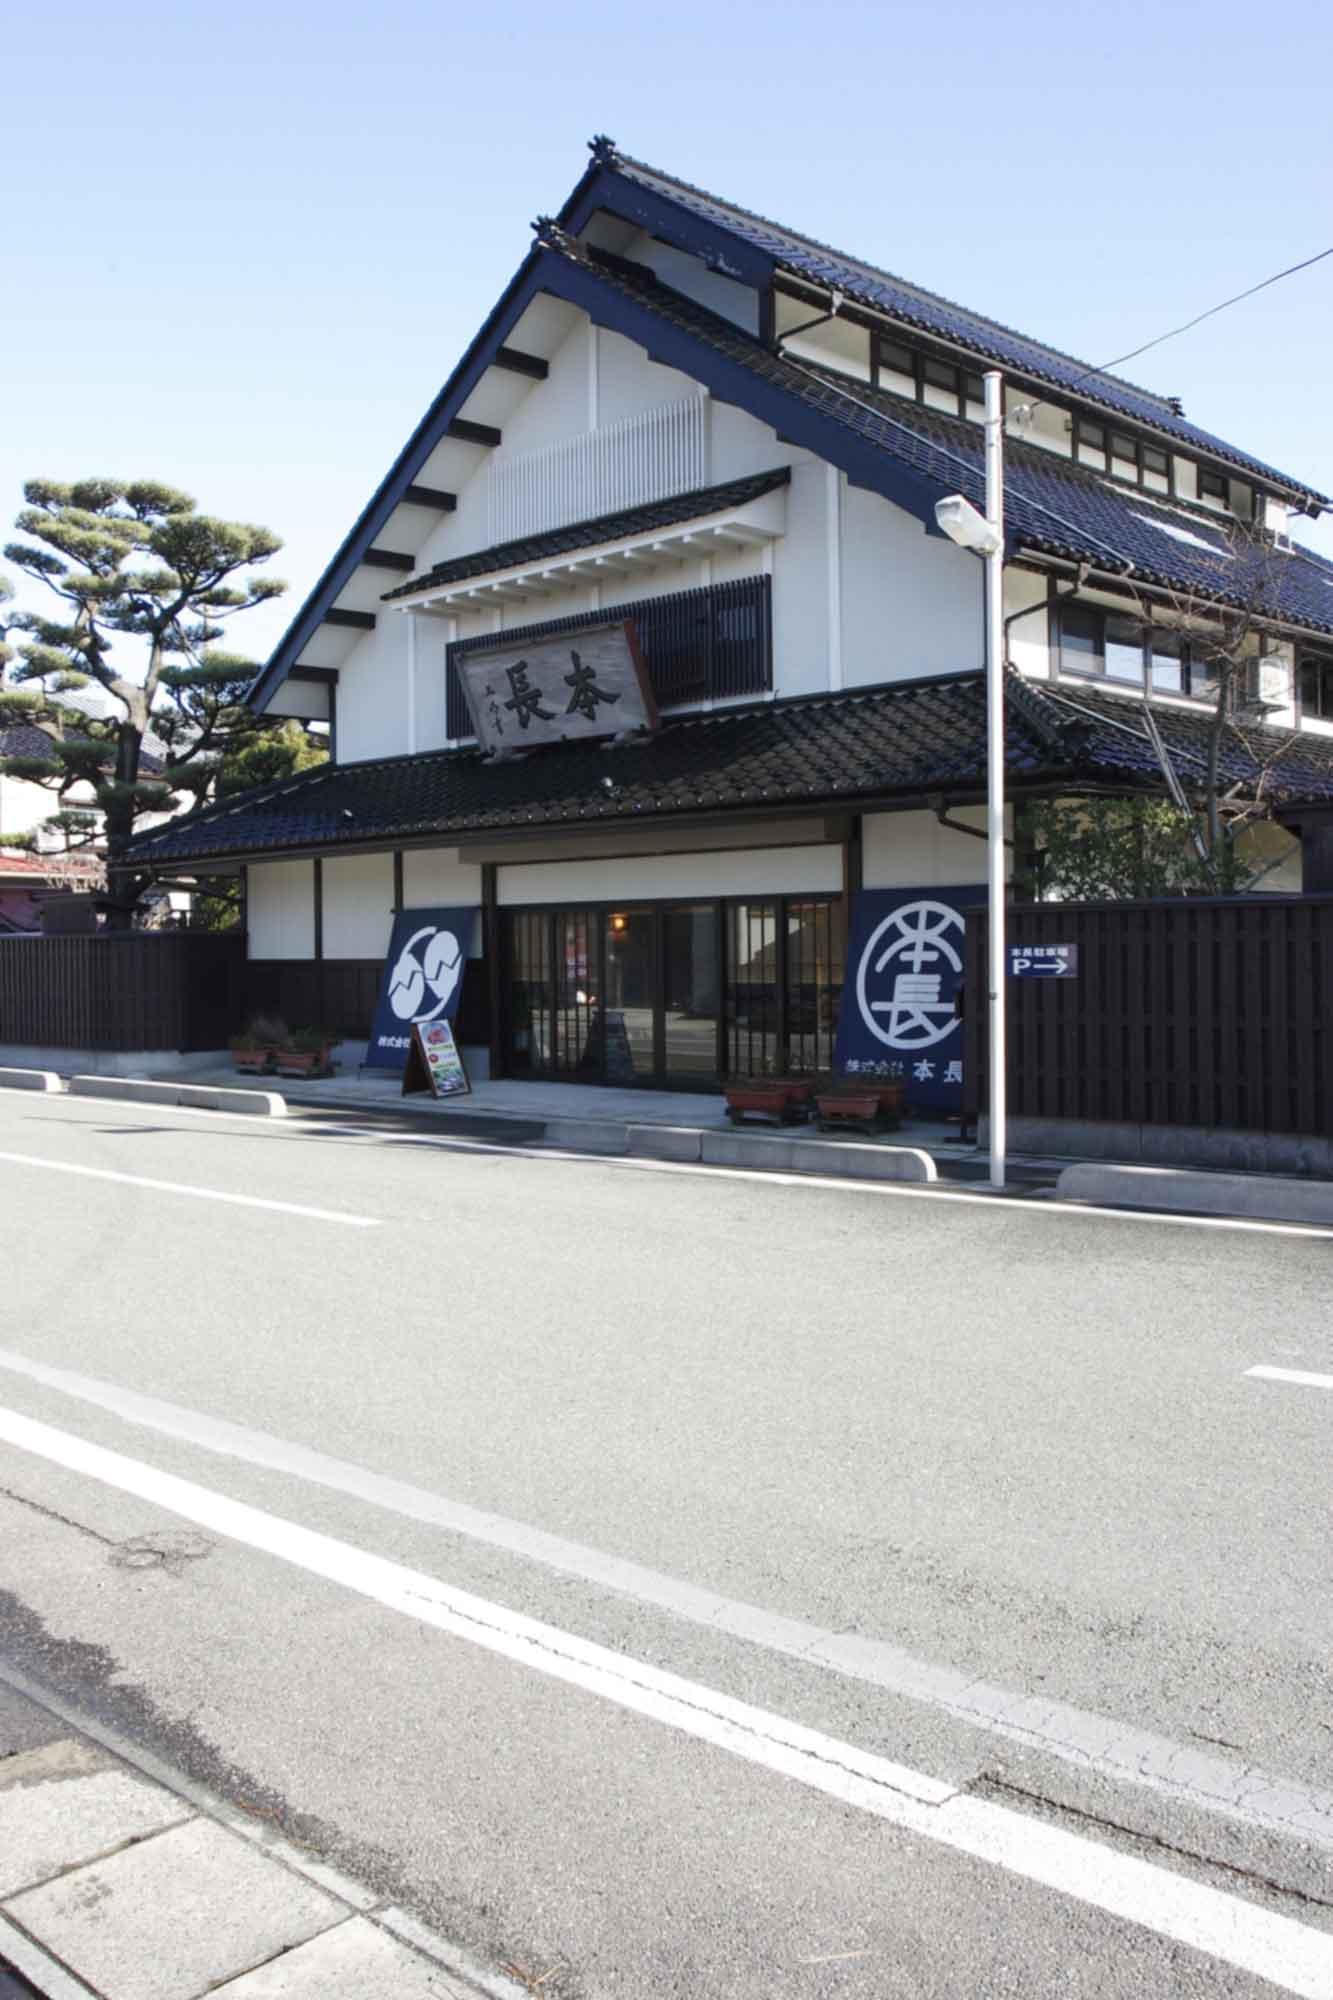 山形県アンテナショップおいしい山形 つくり手を訪ねて|つけもの処 本長:創業当時の面影をそのままに、平成20年に建てられた新店舗。